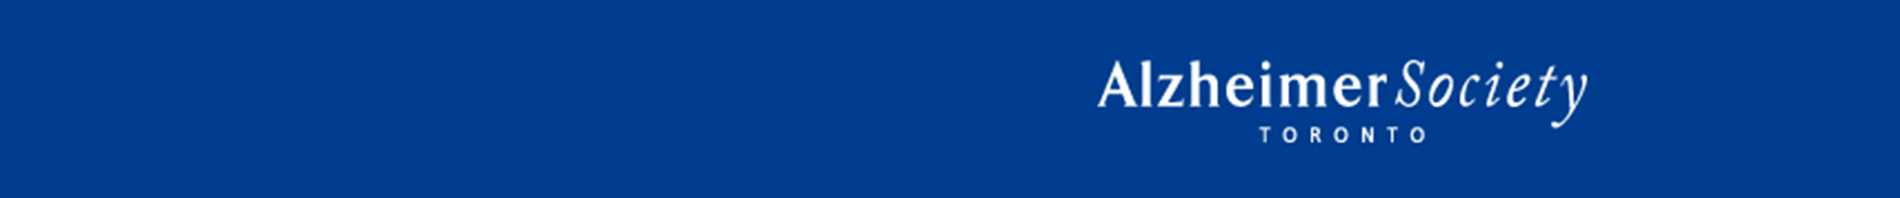 Alzheimer Society Toronto - Memory and Company